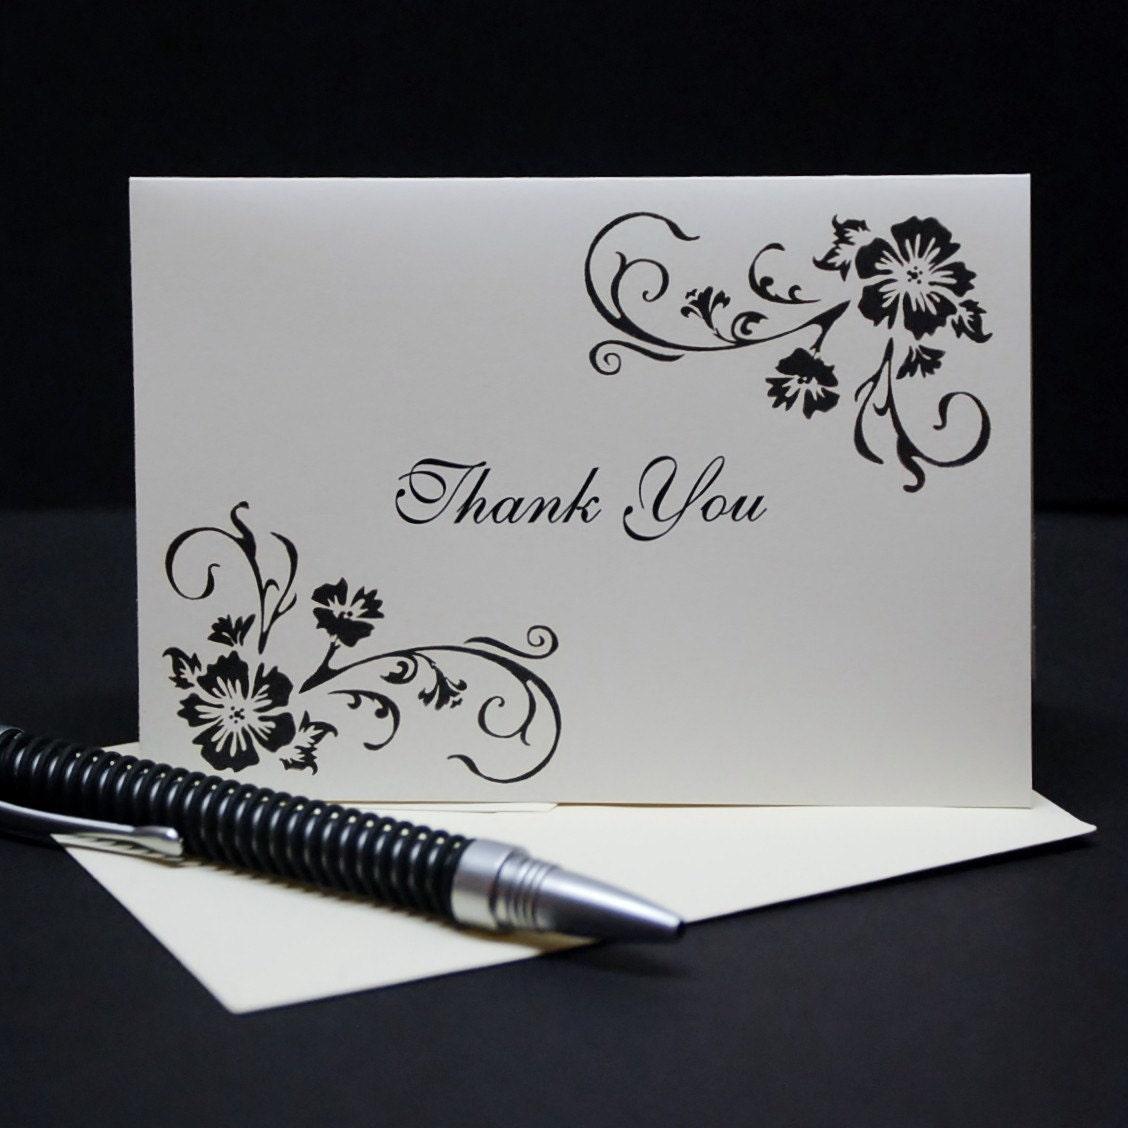 simple elegance wedding thank you card by carlincardcreations